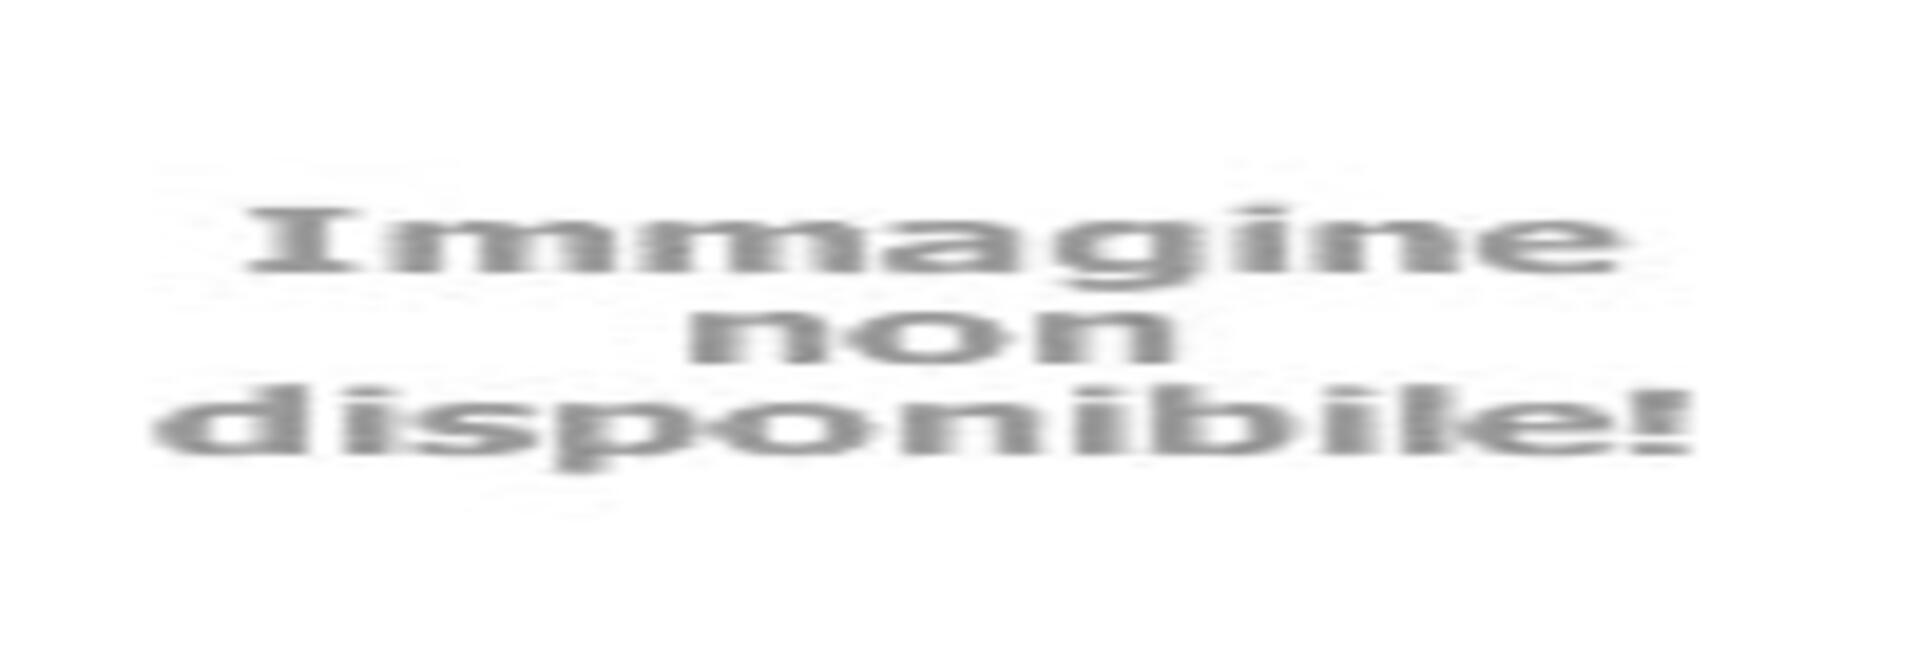 losangeleshotelriccione it vacanze-di-settembre-a-riccione-con-bimbo-gratis 005